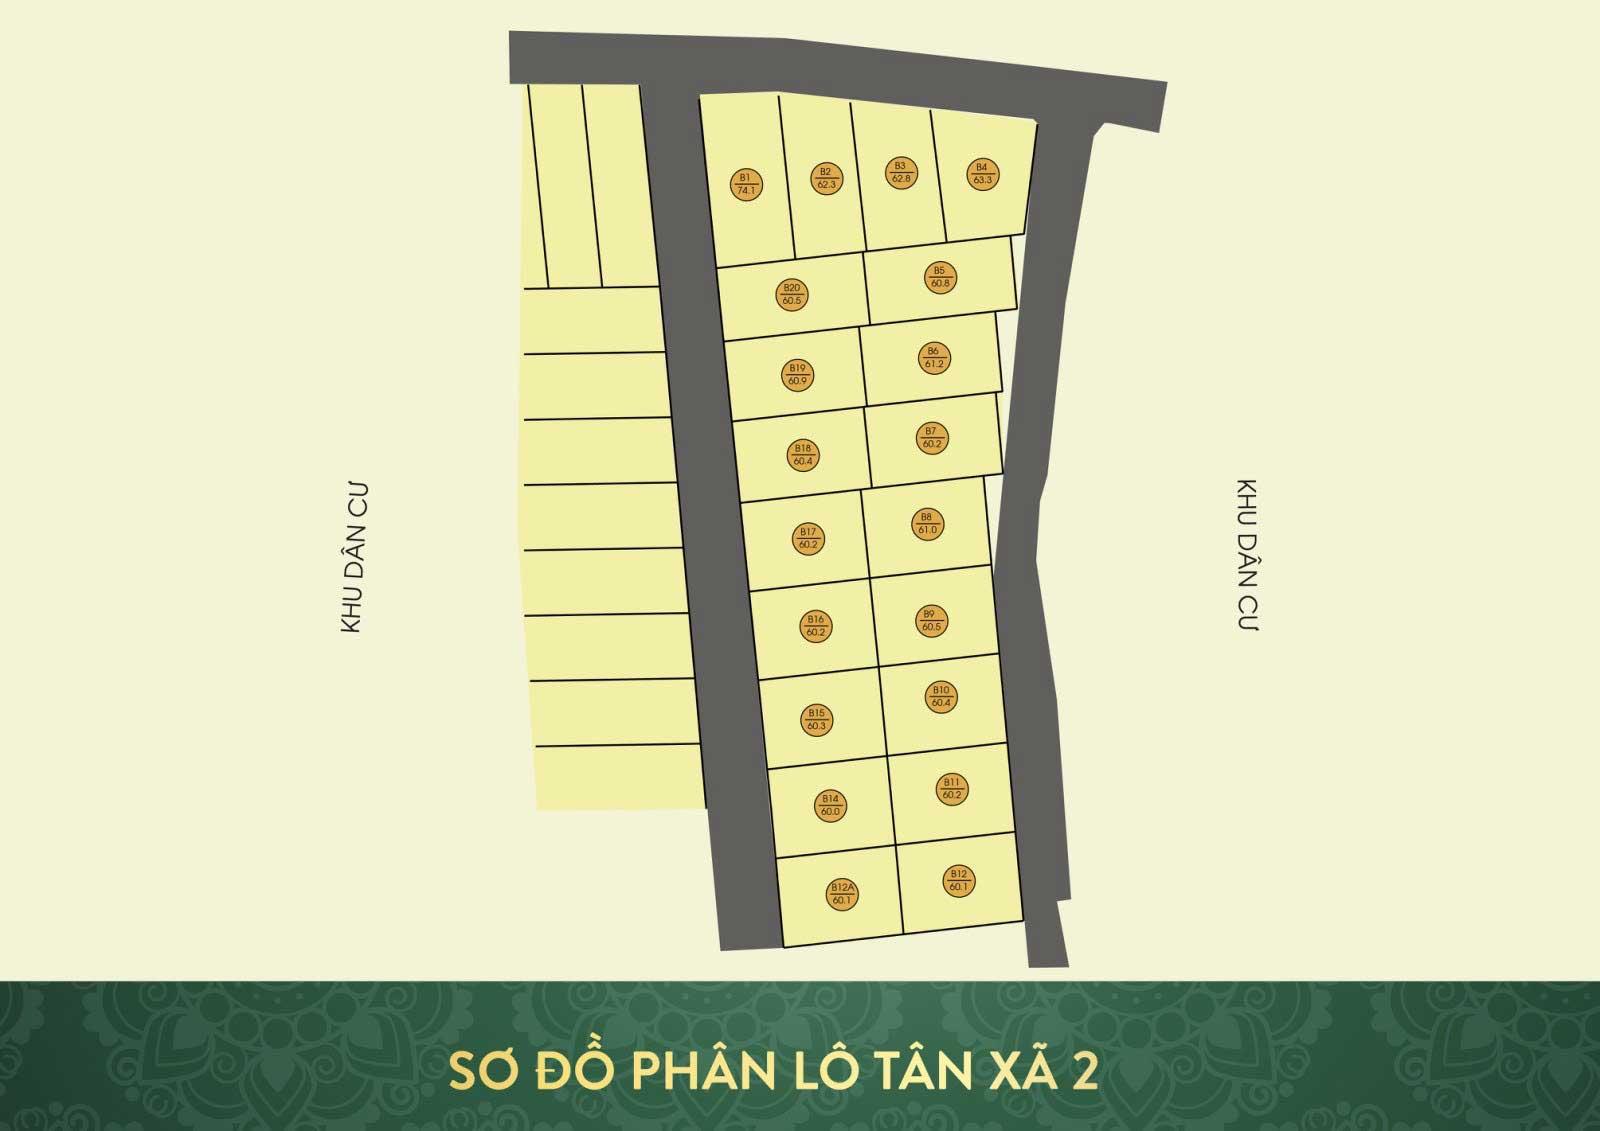 Vị trí khu đất phân lô 20 lô Tân Xã (Tân Xã 2)